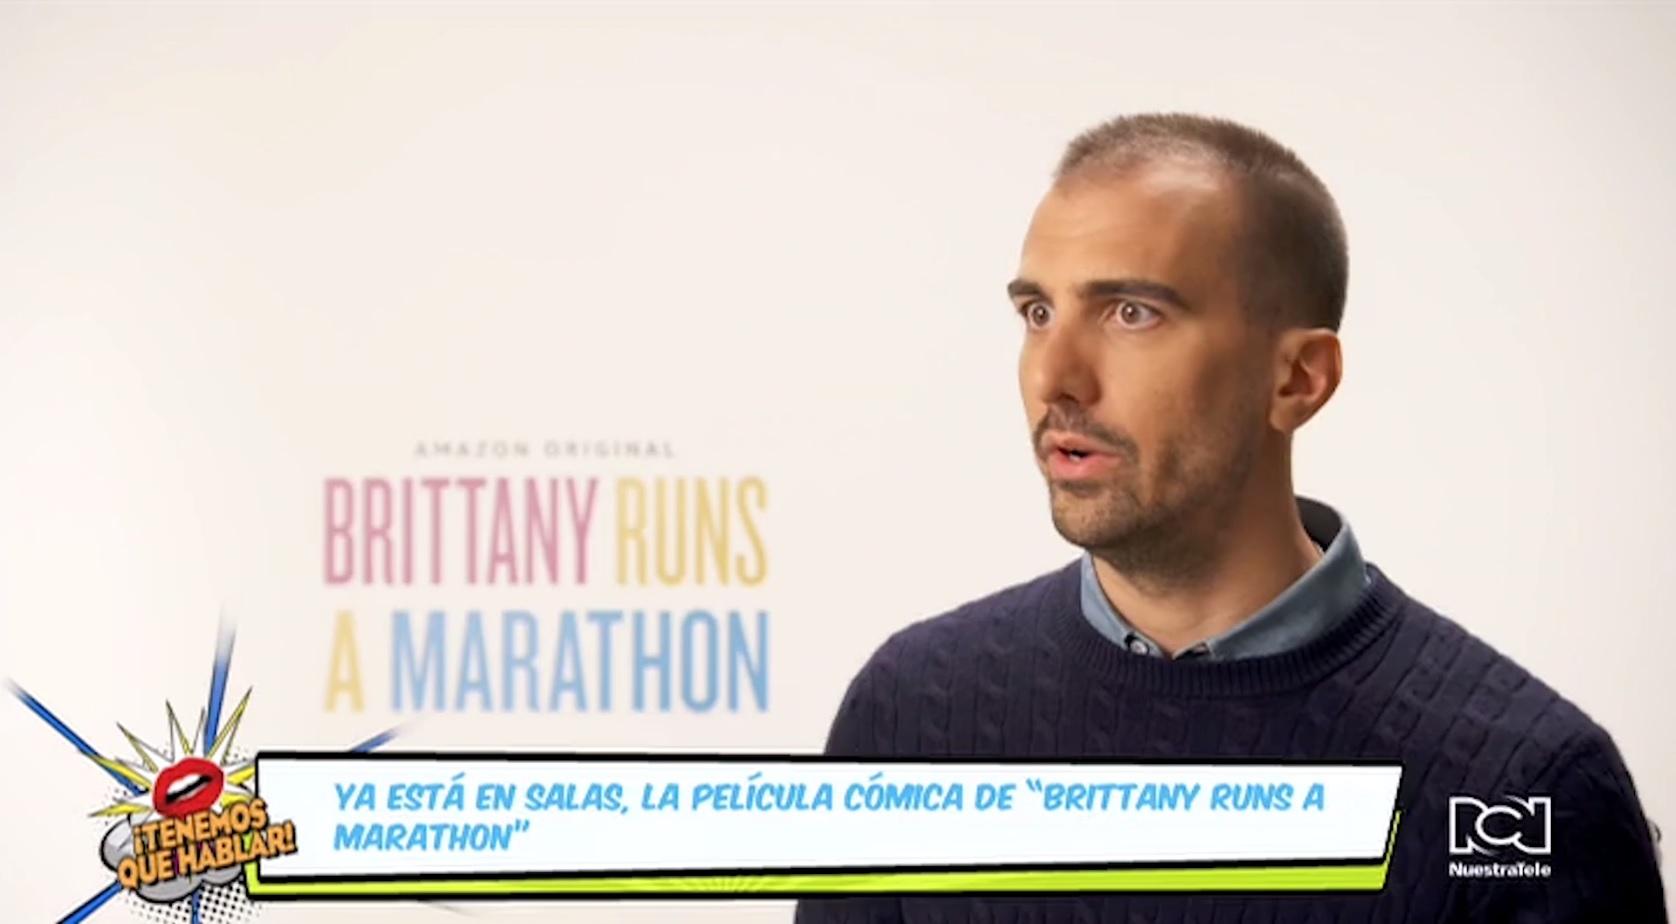 Ya está en salas la película cómica 'Brittany Runs a Marathon'